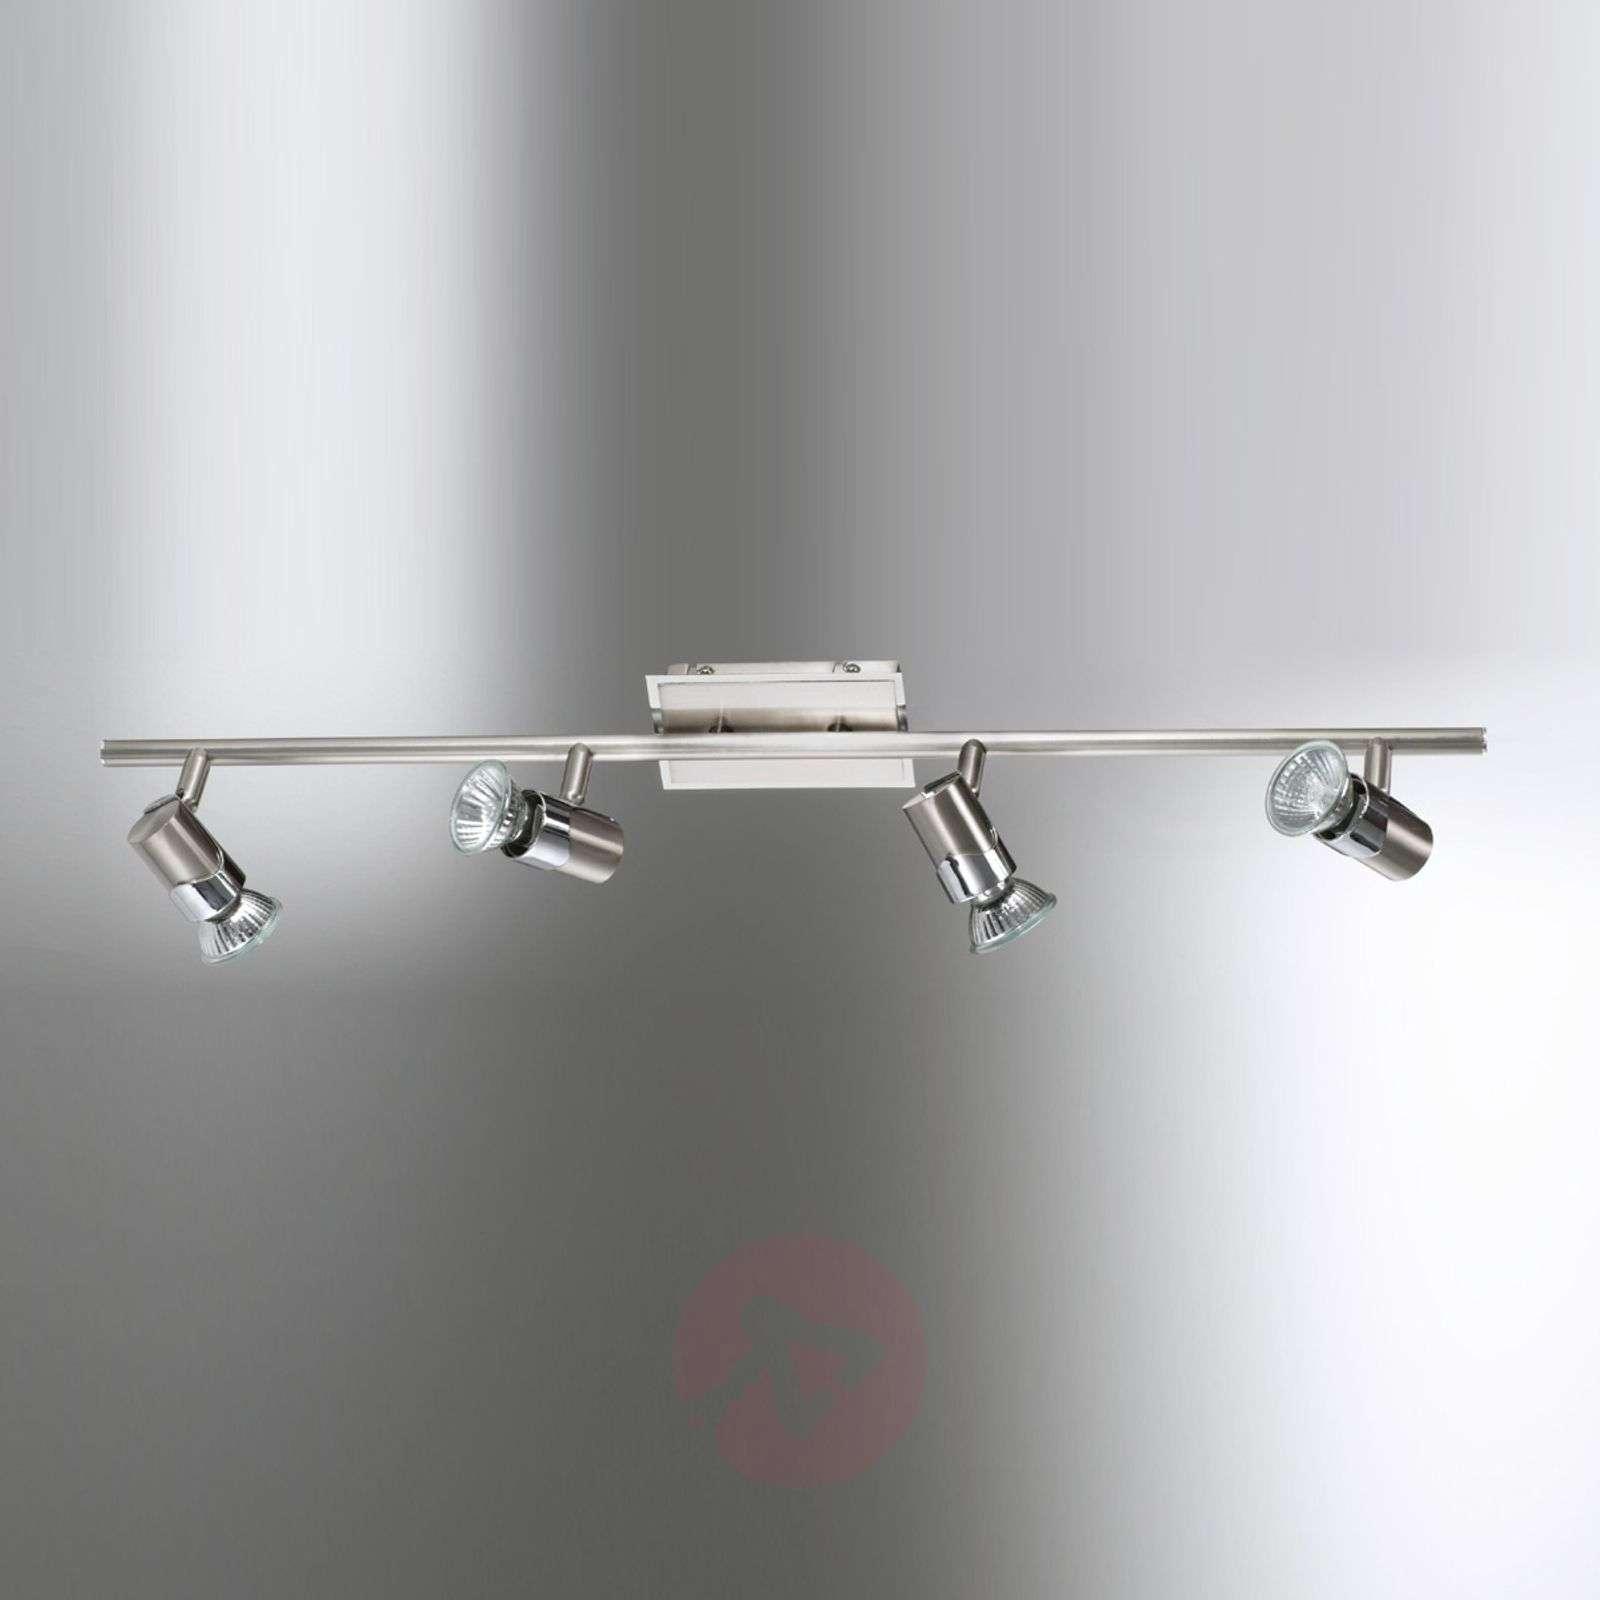 LED-kattovalaisin ALICE, modernia suunnittelua-3501831-01